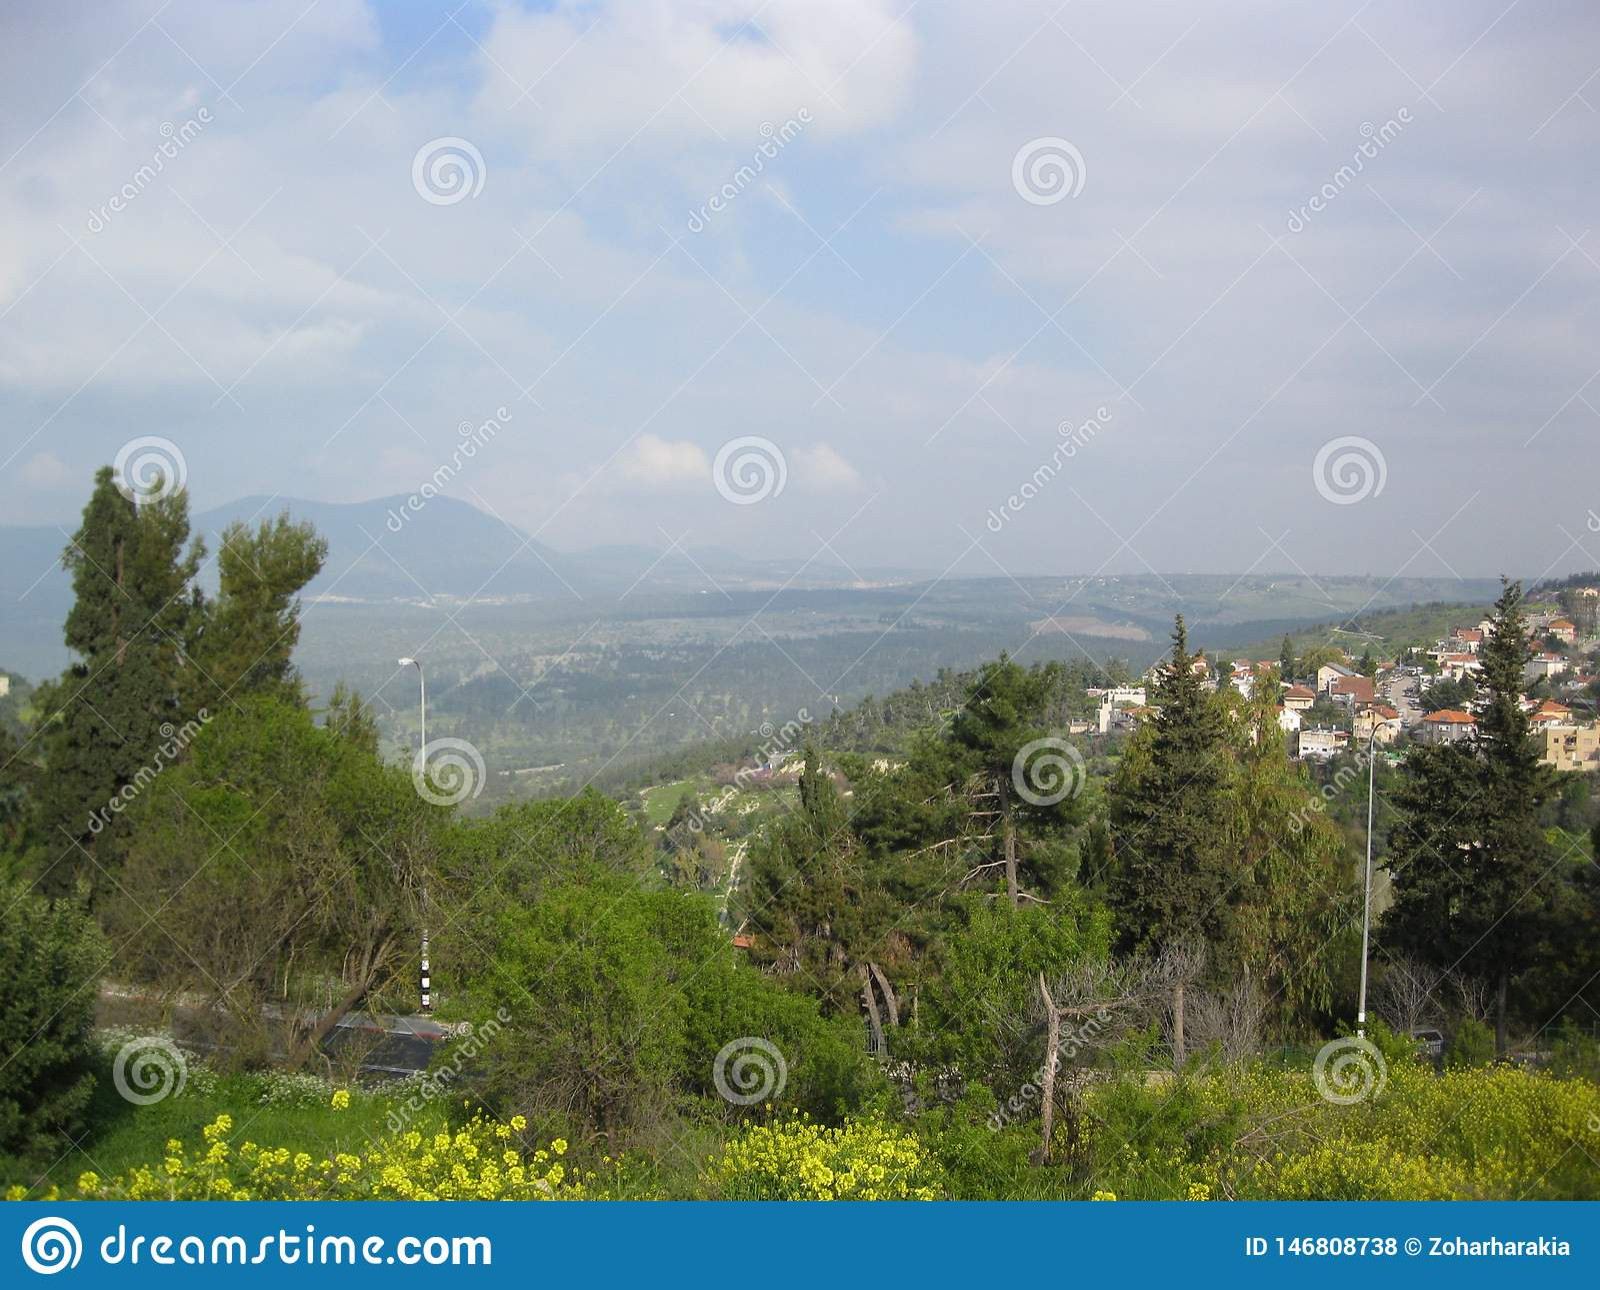 Un village dans un paysage montagneux